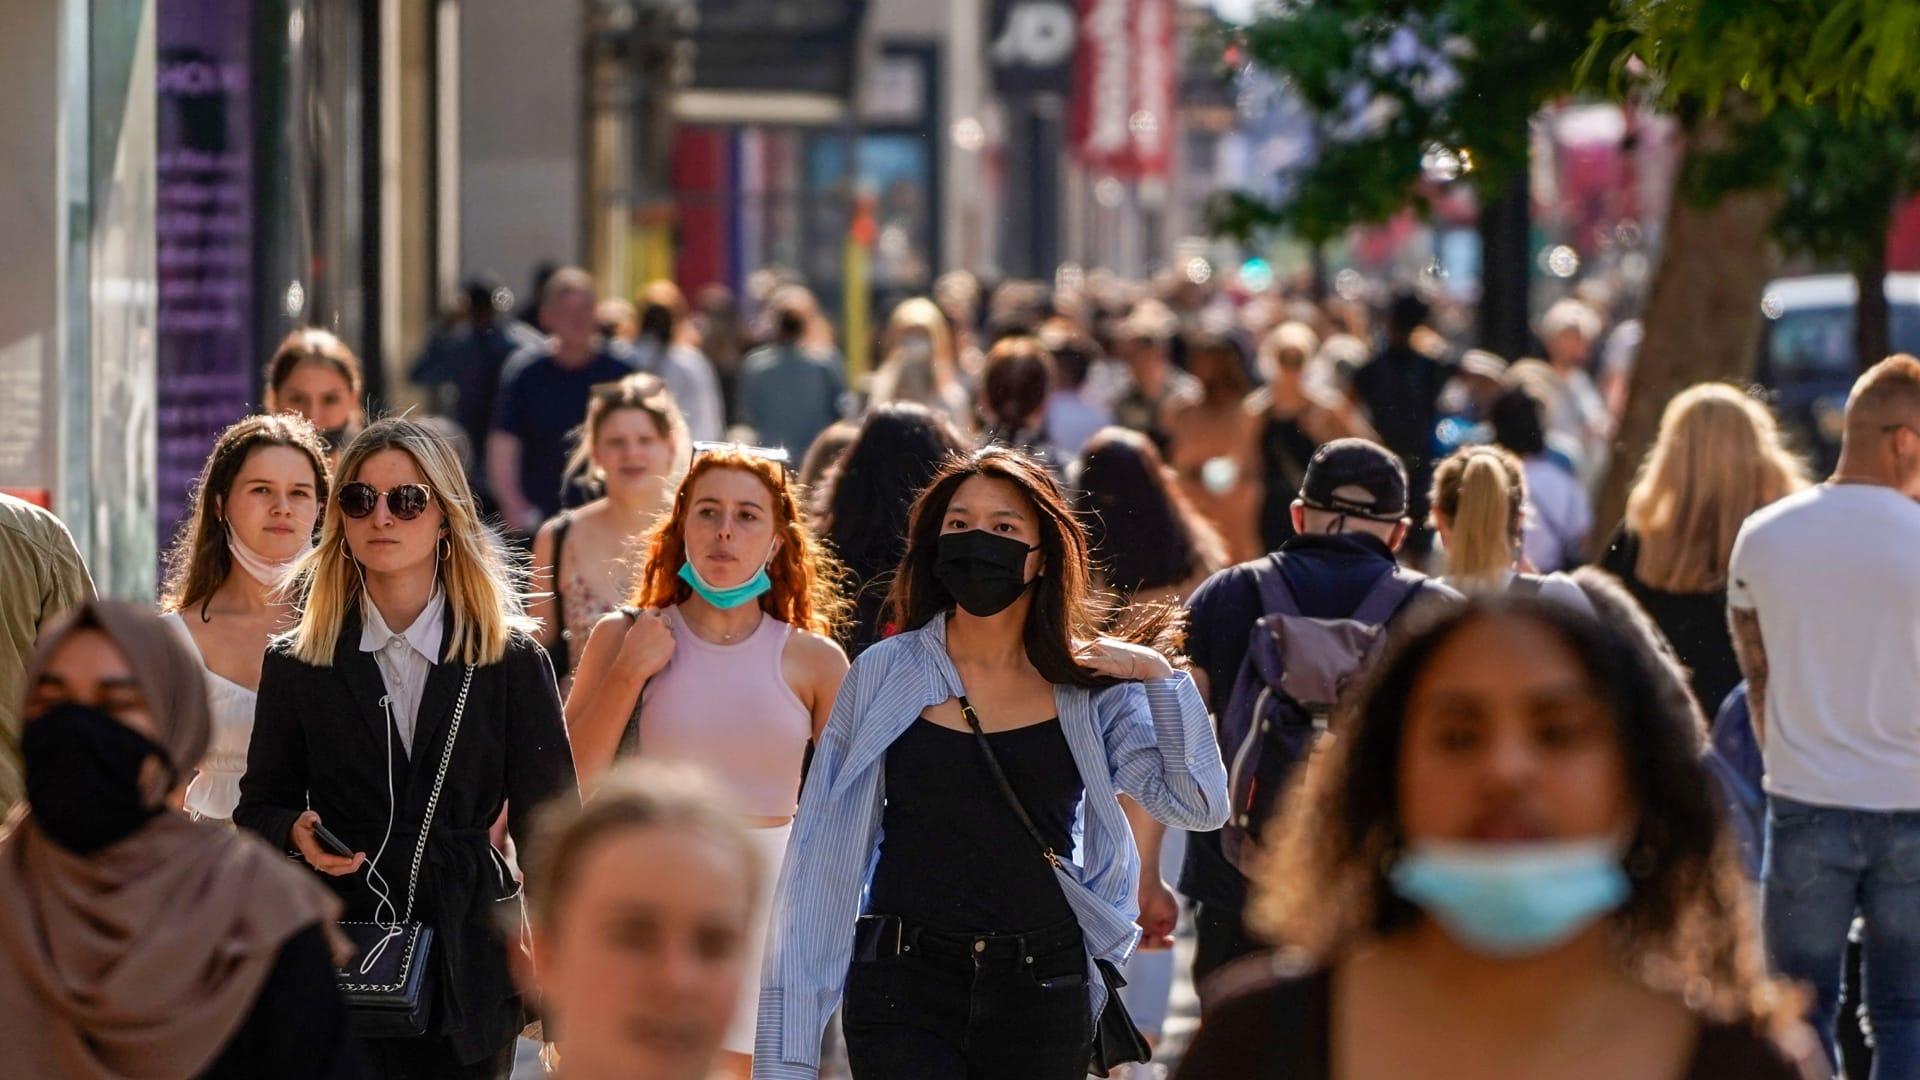 يسير المشاة، الذين يرتدي بعضهم أغطية للوجه بسبب Covid-19، أمام المحلات التجارية في شارع أكسفورد بوسط لندن في 7 يونيو 2021